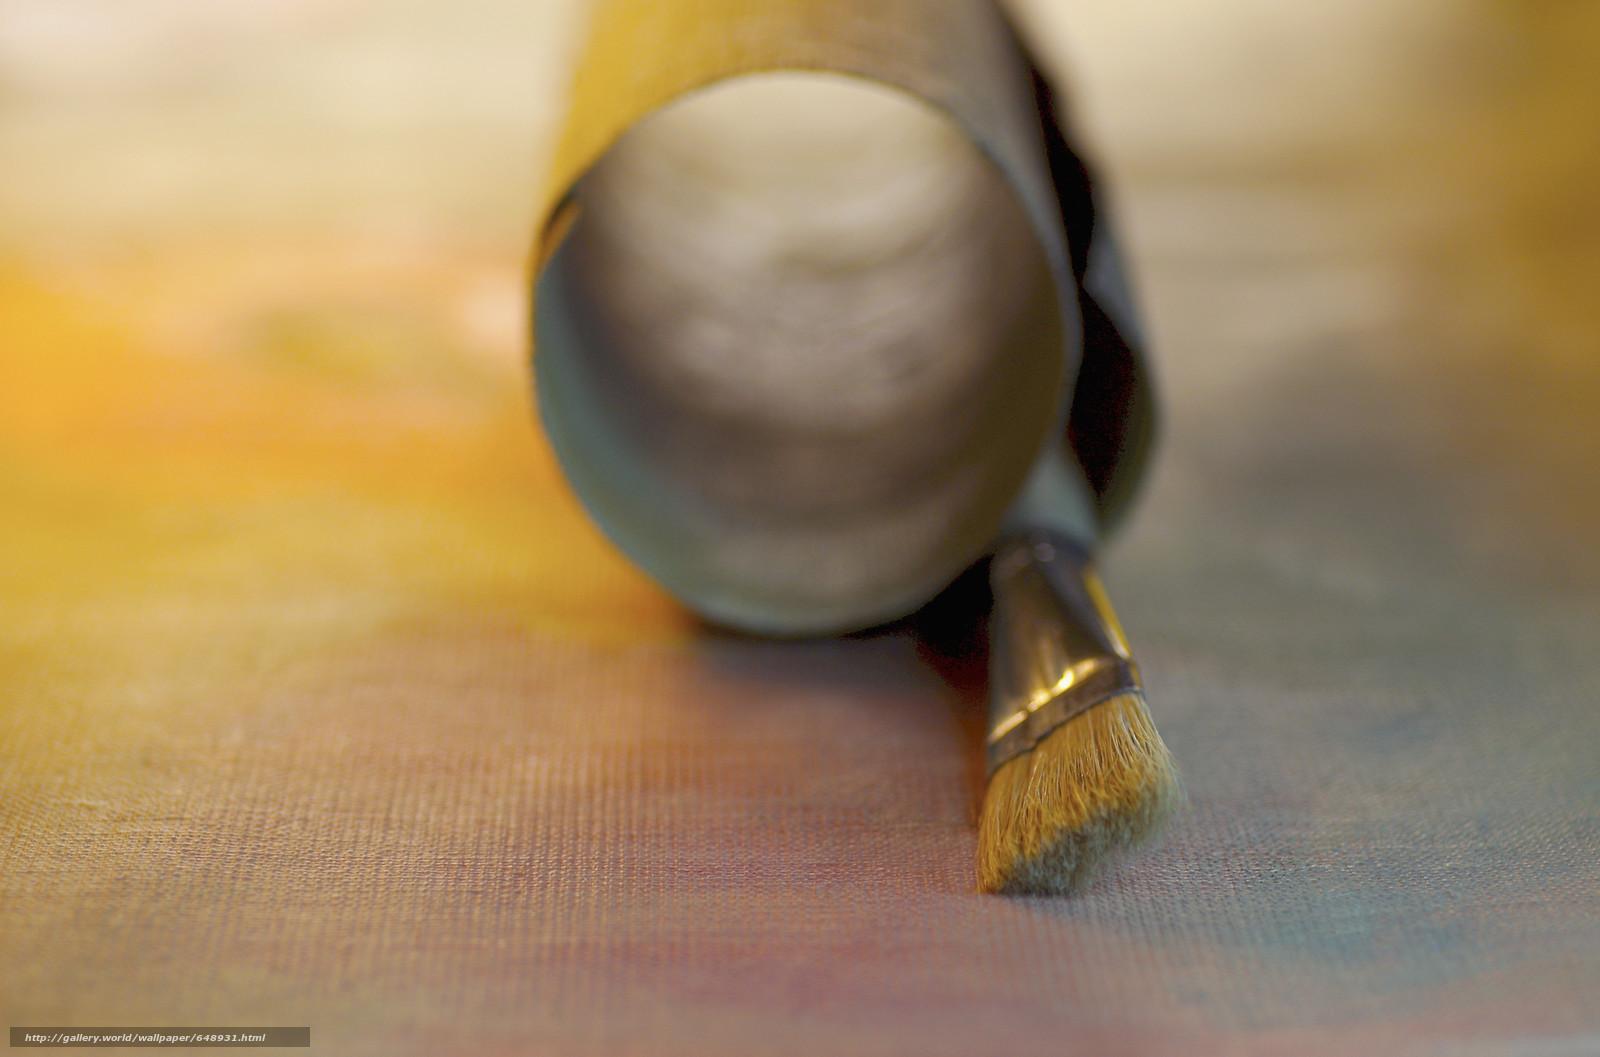 scaricare gli sfondi Cartoleria,  per gli artisti,  tela,  spazzolare Sfondi gratis per la risoluzione del desktop 5499x3633 — immagine №648931